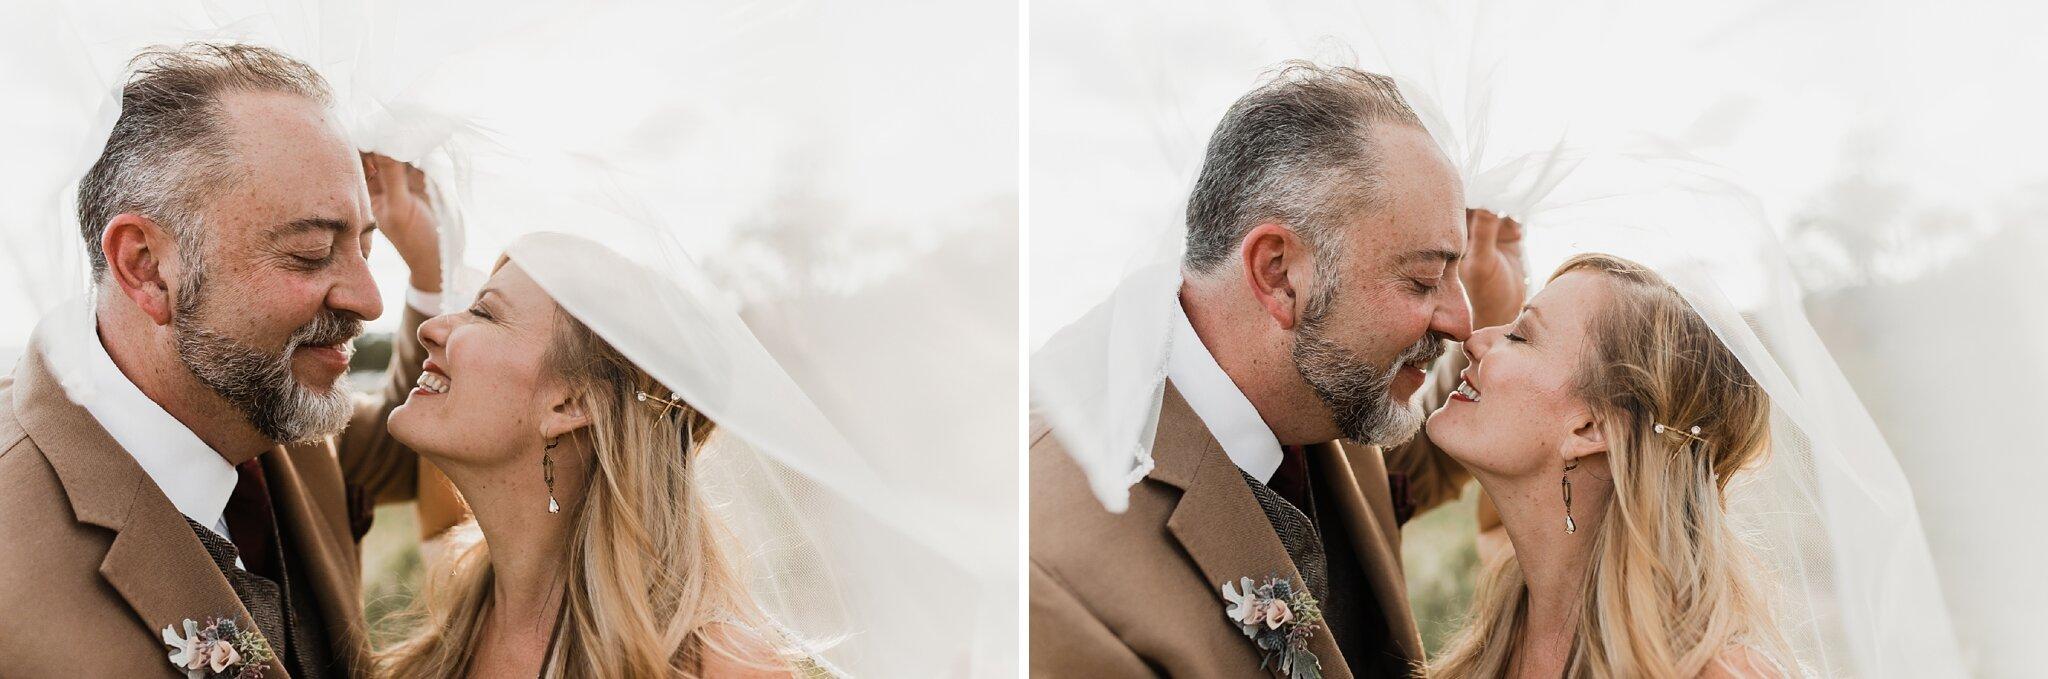 Alicia+lucia+photography+-+albuquerque+wedding+photographer+-+santa+fe+wedding+photography+-+new+mexico+wedding+photographer+-+new+mexico+wedding+-+wedding+-+santa+fe+wedding+-+ghost+ranch+-+ghost+ranch+wedding+-+fall+wedding_0055.jpg